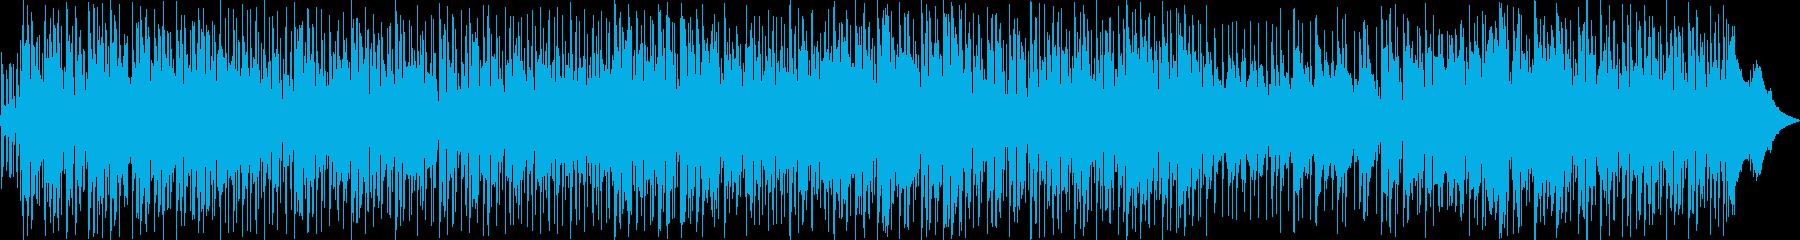 おしゃれな空気感の洋楽の再生済みの波形